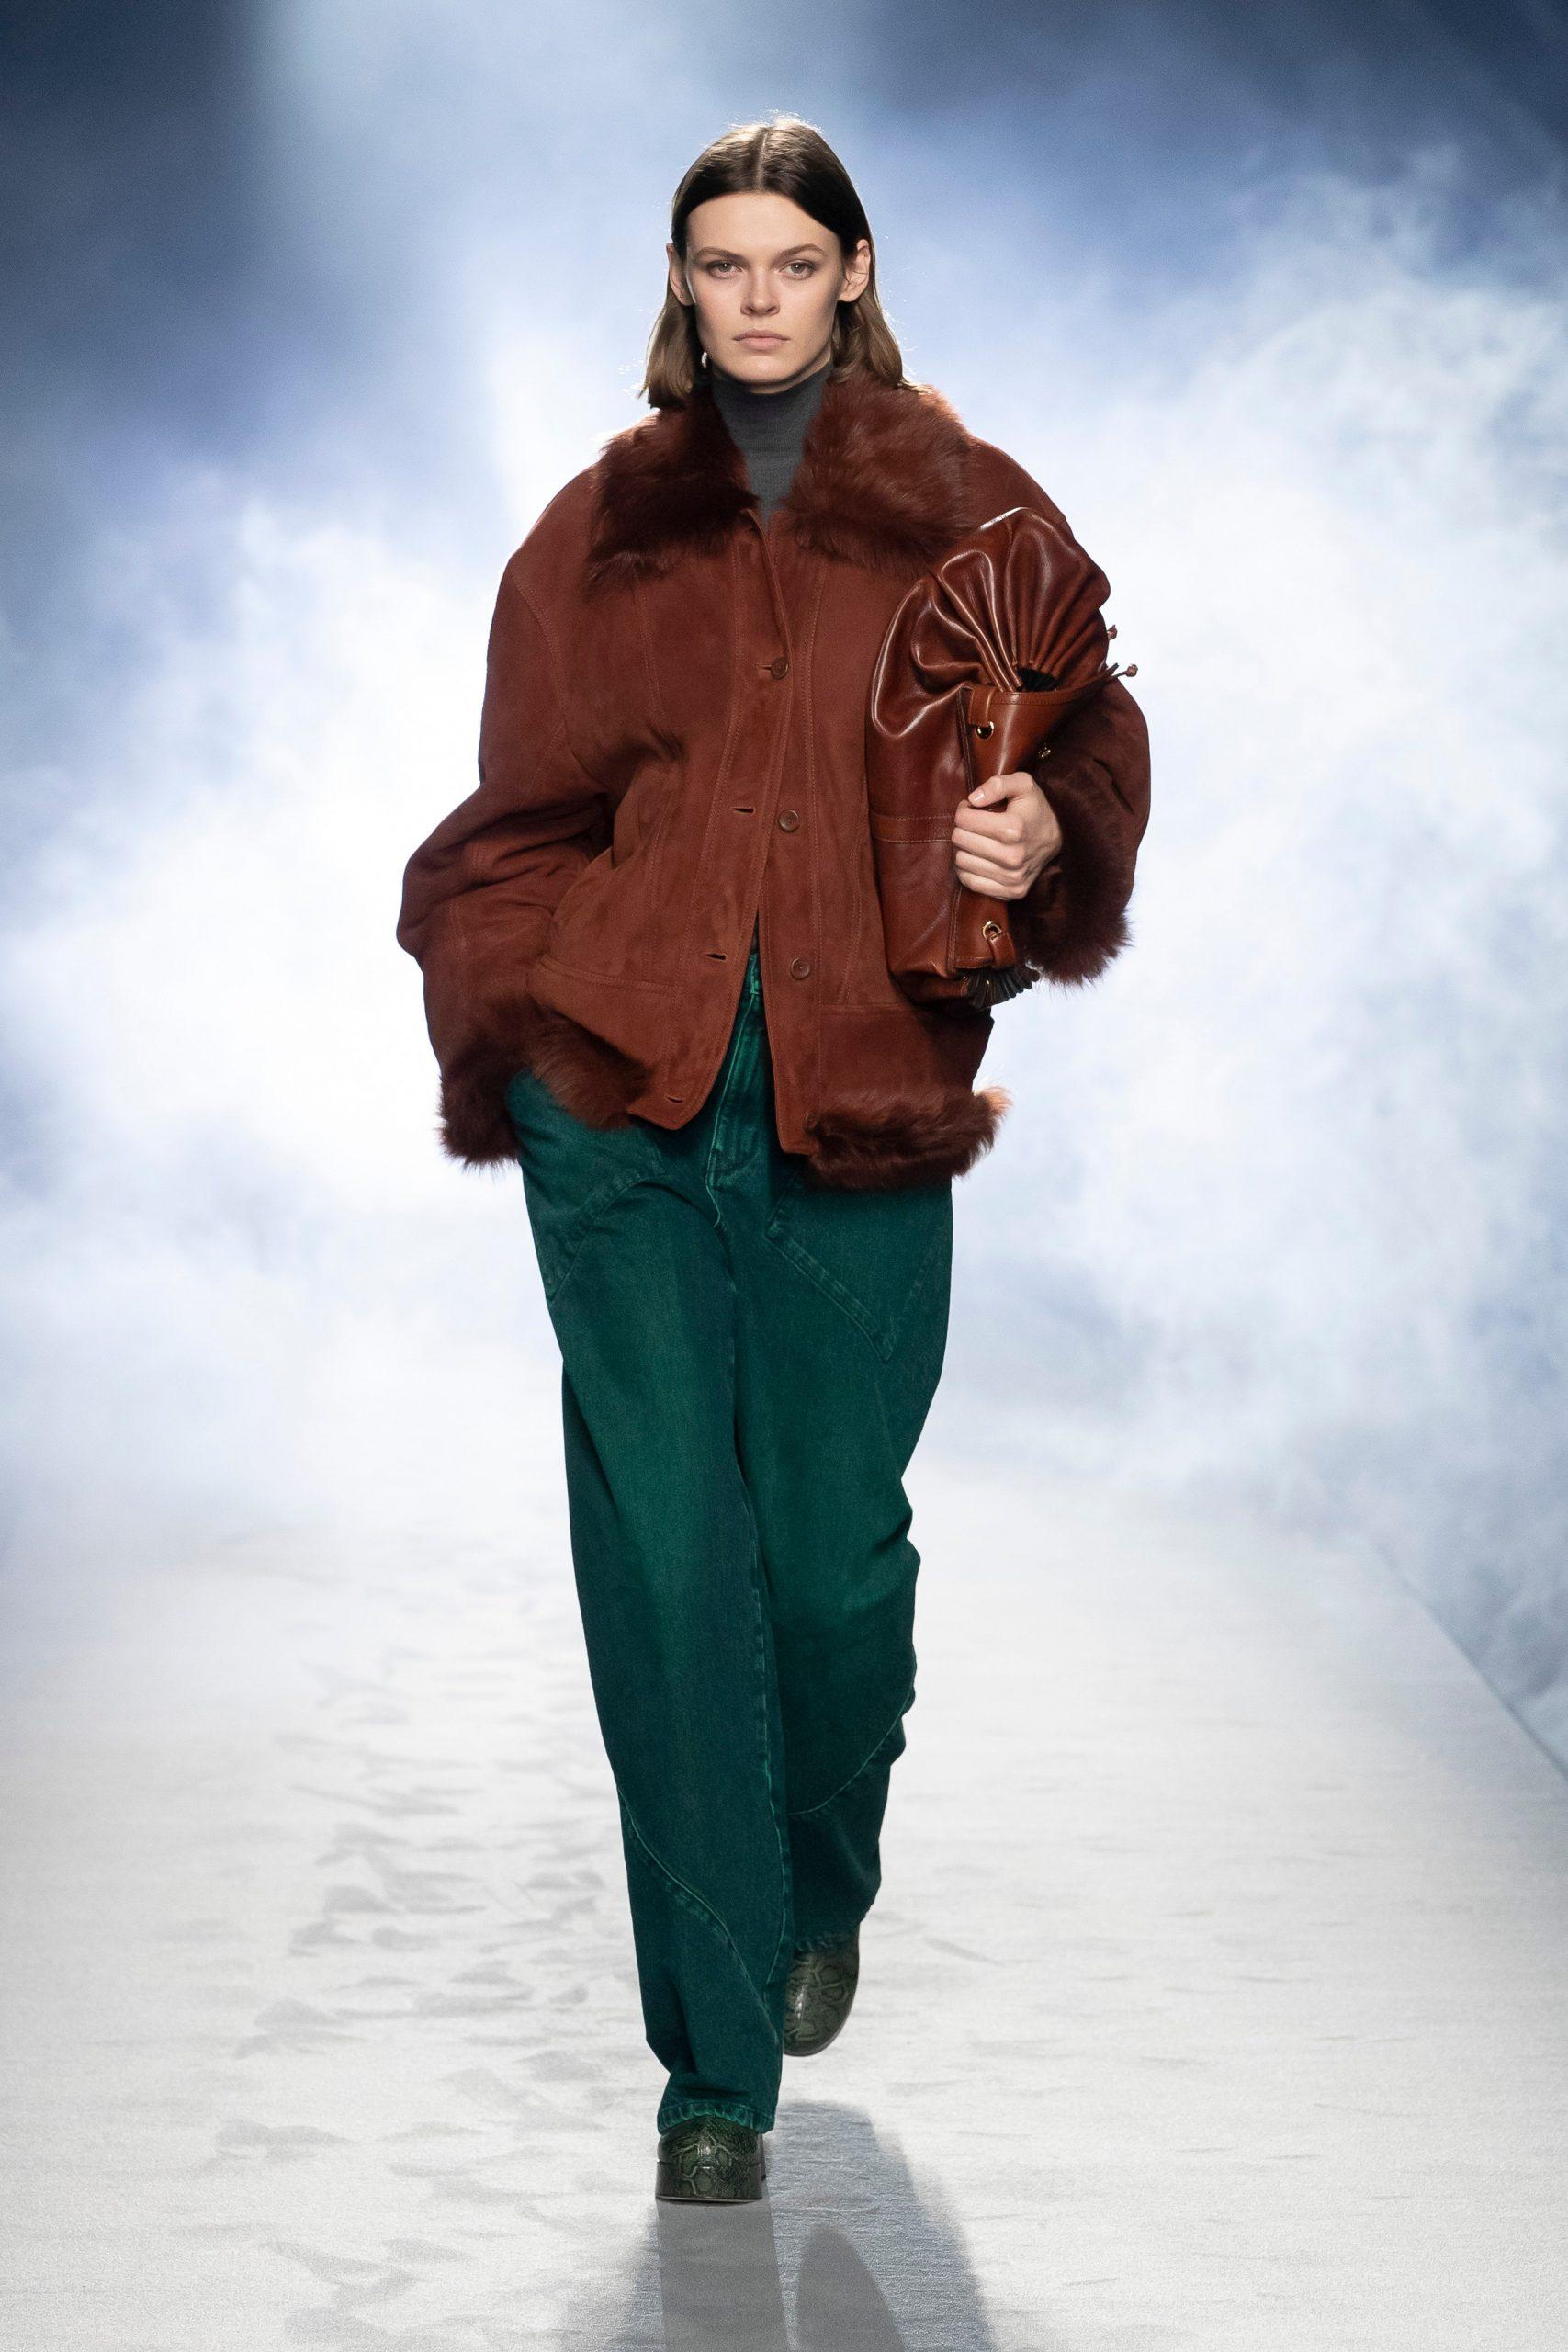 Широкополые шляпы и юбки поверх брюк в коллекции Alberta Ferretti FW'21